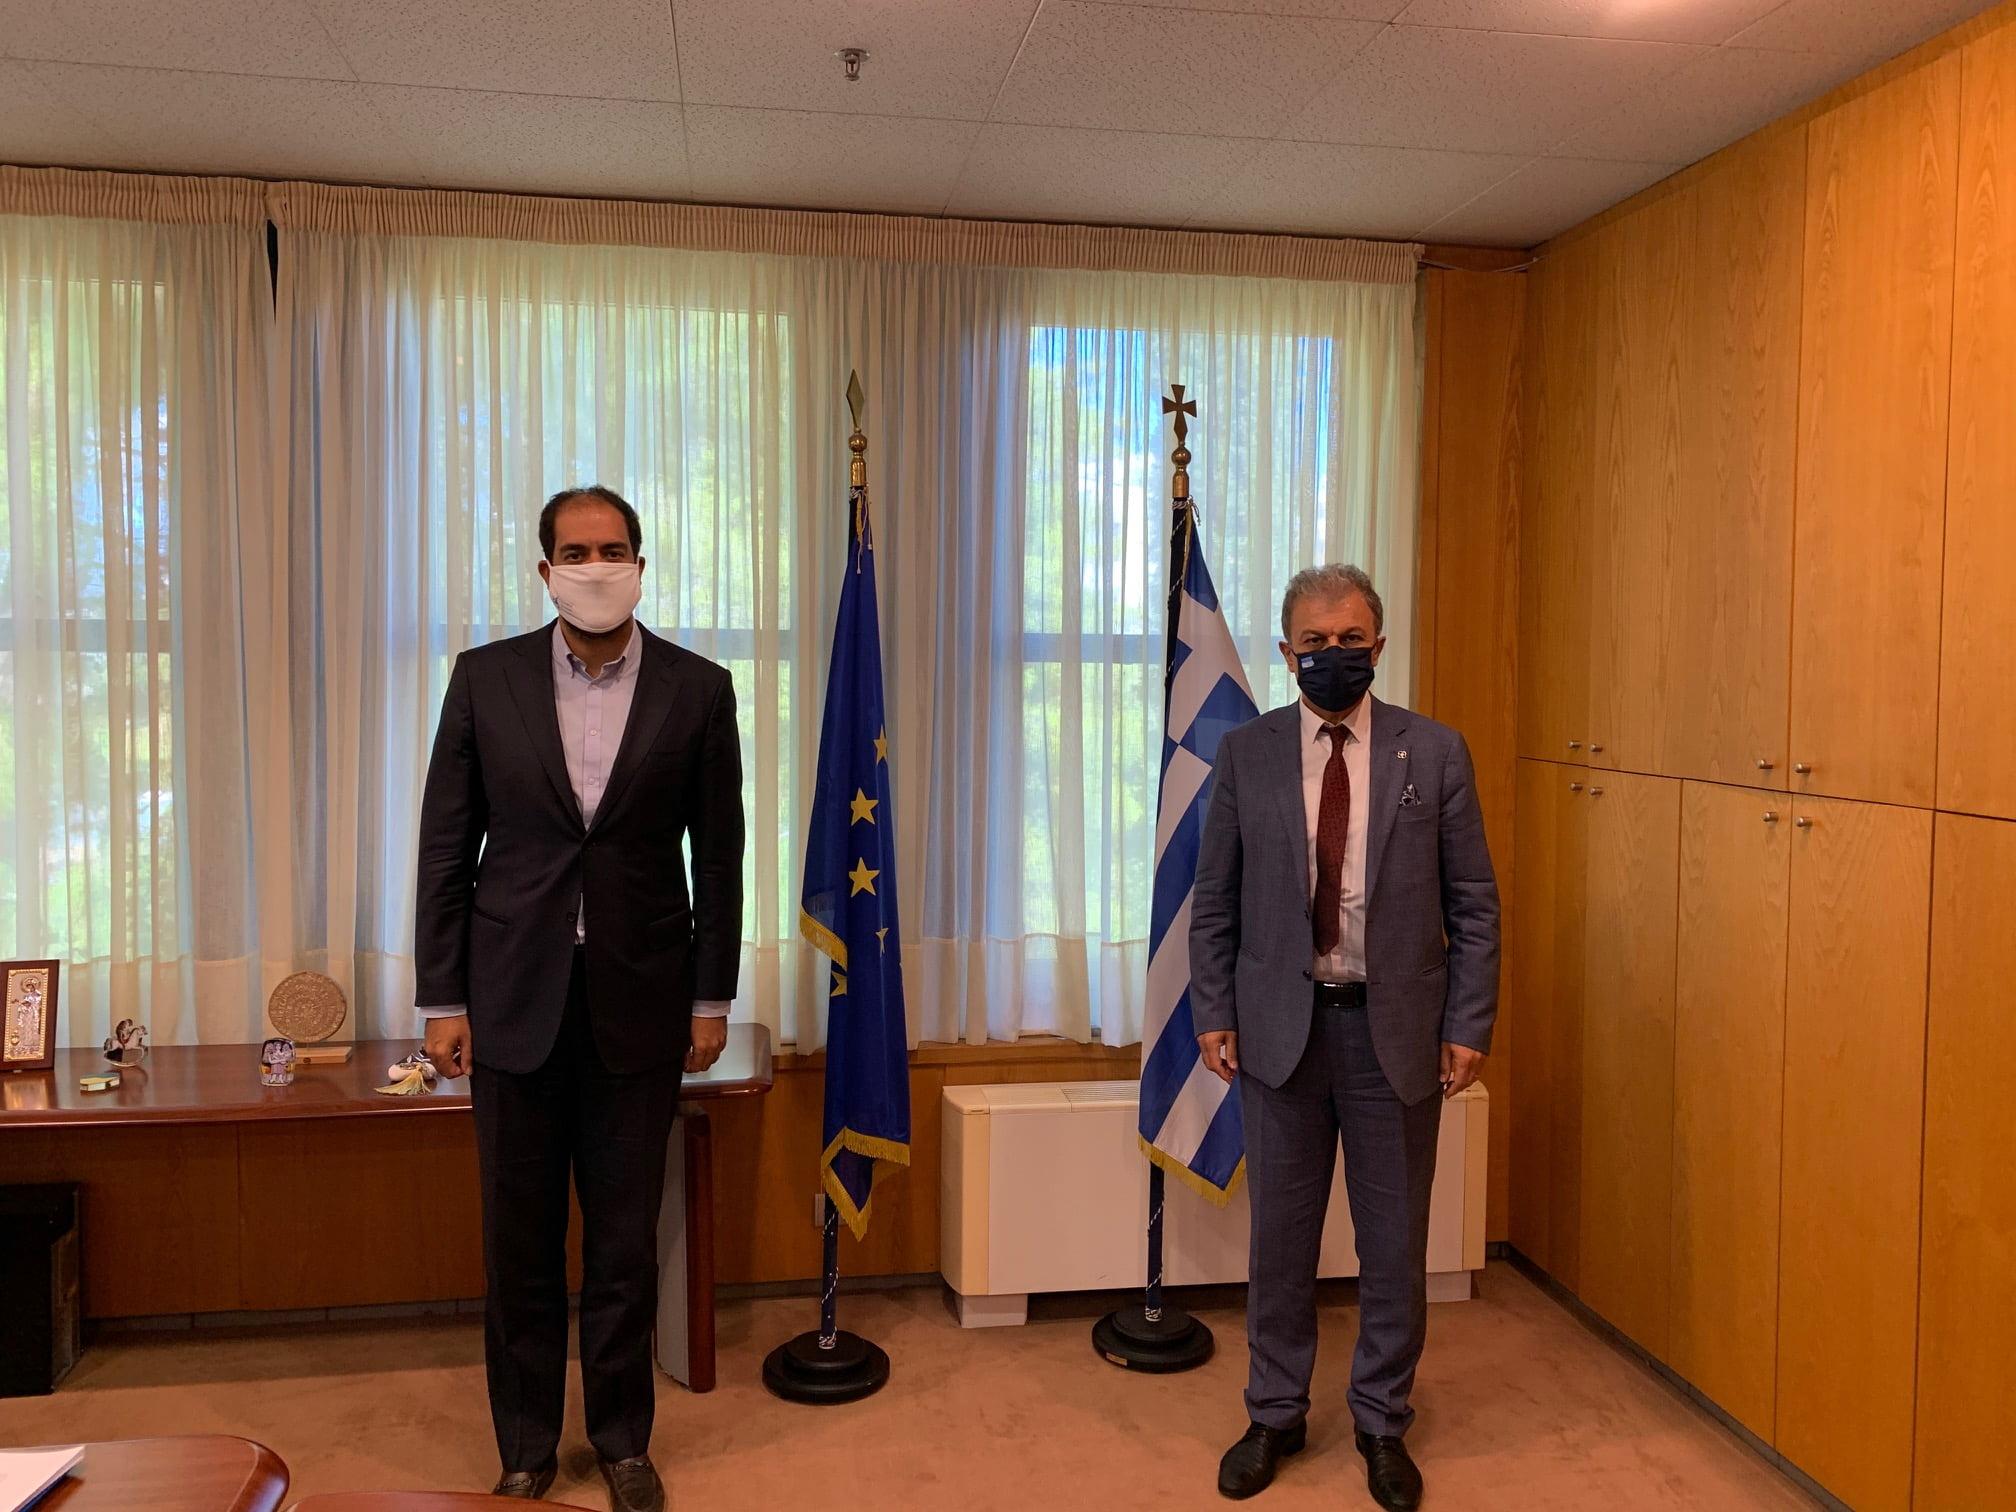 Συνάντηση του βουλευτή Γιώργου Αμανατίδη με τον υφυπουργό Μεταφορών Γιάννης Κεφαλογιάννη για θέματα που απασχολούν την Ομοσπονδία Βιοτεχνών Επισκευαστών Αυτοκινήτων Μηχανημάτων και Μοτοποδηλάτων Ελλάδος (ΟΒΕΑΜΜΕ).